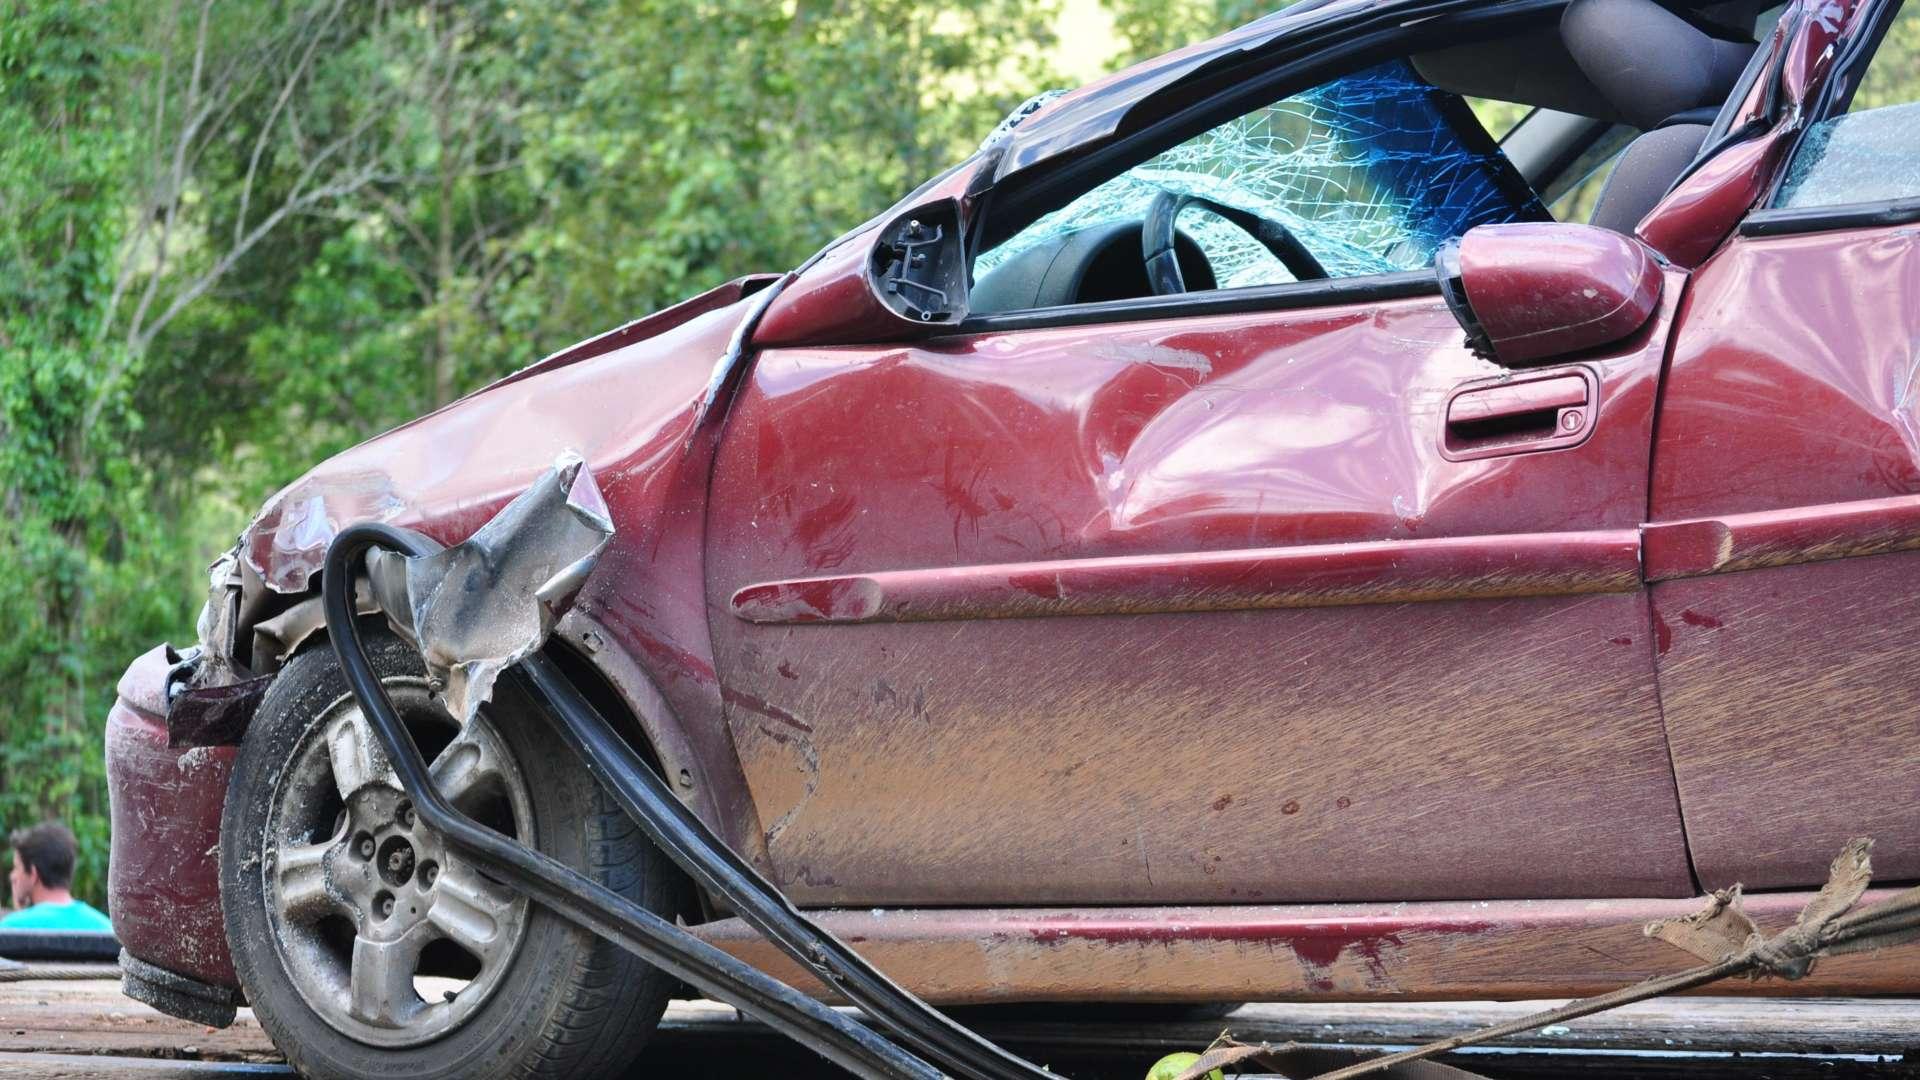 Punainen romuauto. Romuautosta näkyy vain etuosa. Ikkunat ovat rikki ja etuovi ja kylki ovat lommolla. Romuajoneuvo on alaosastaan ruosteinen/likainen.